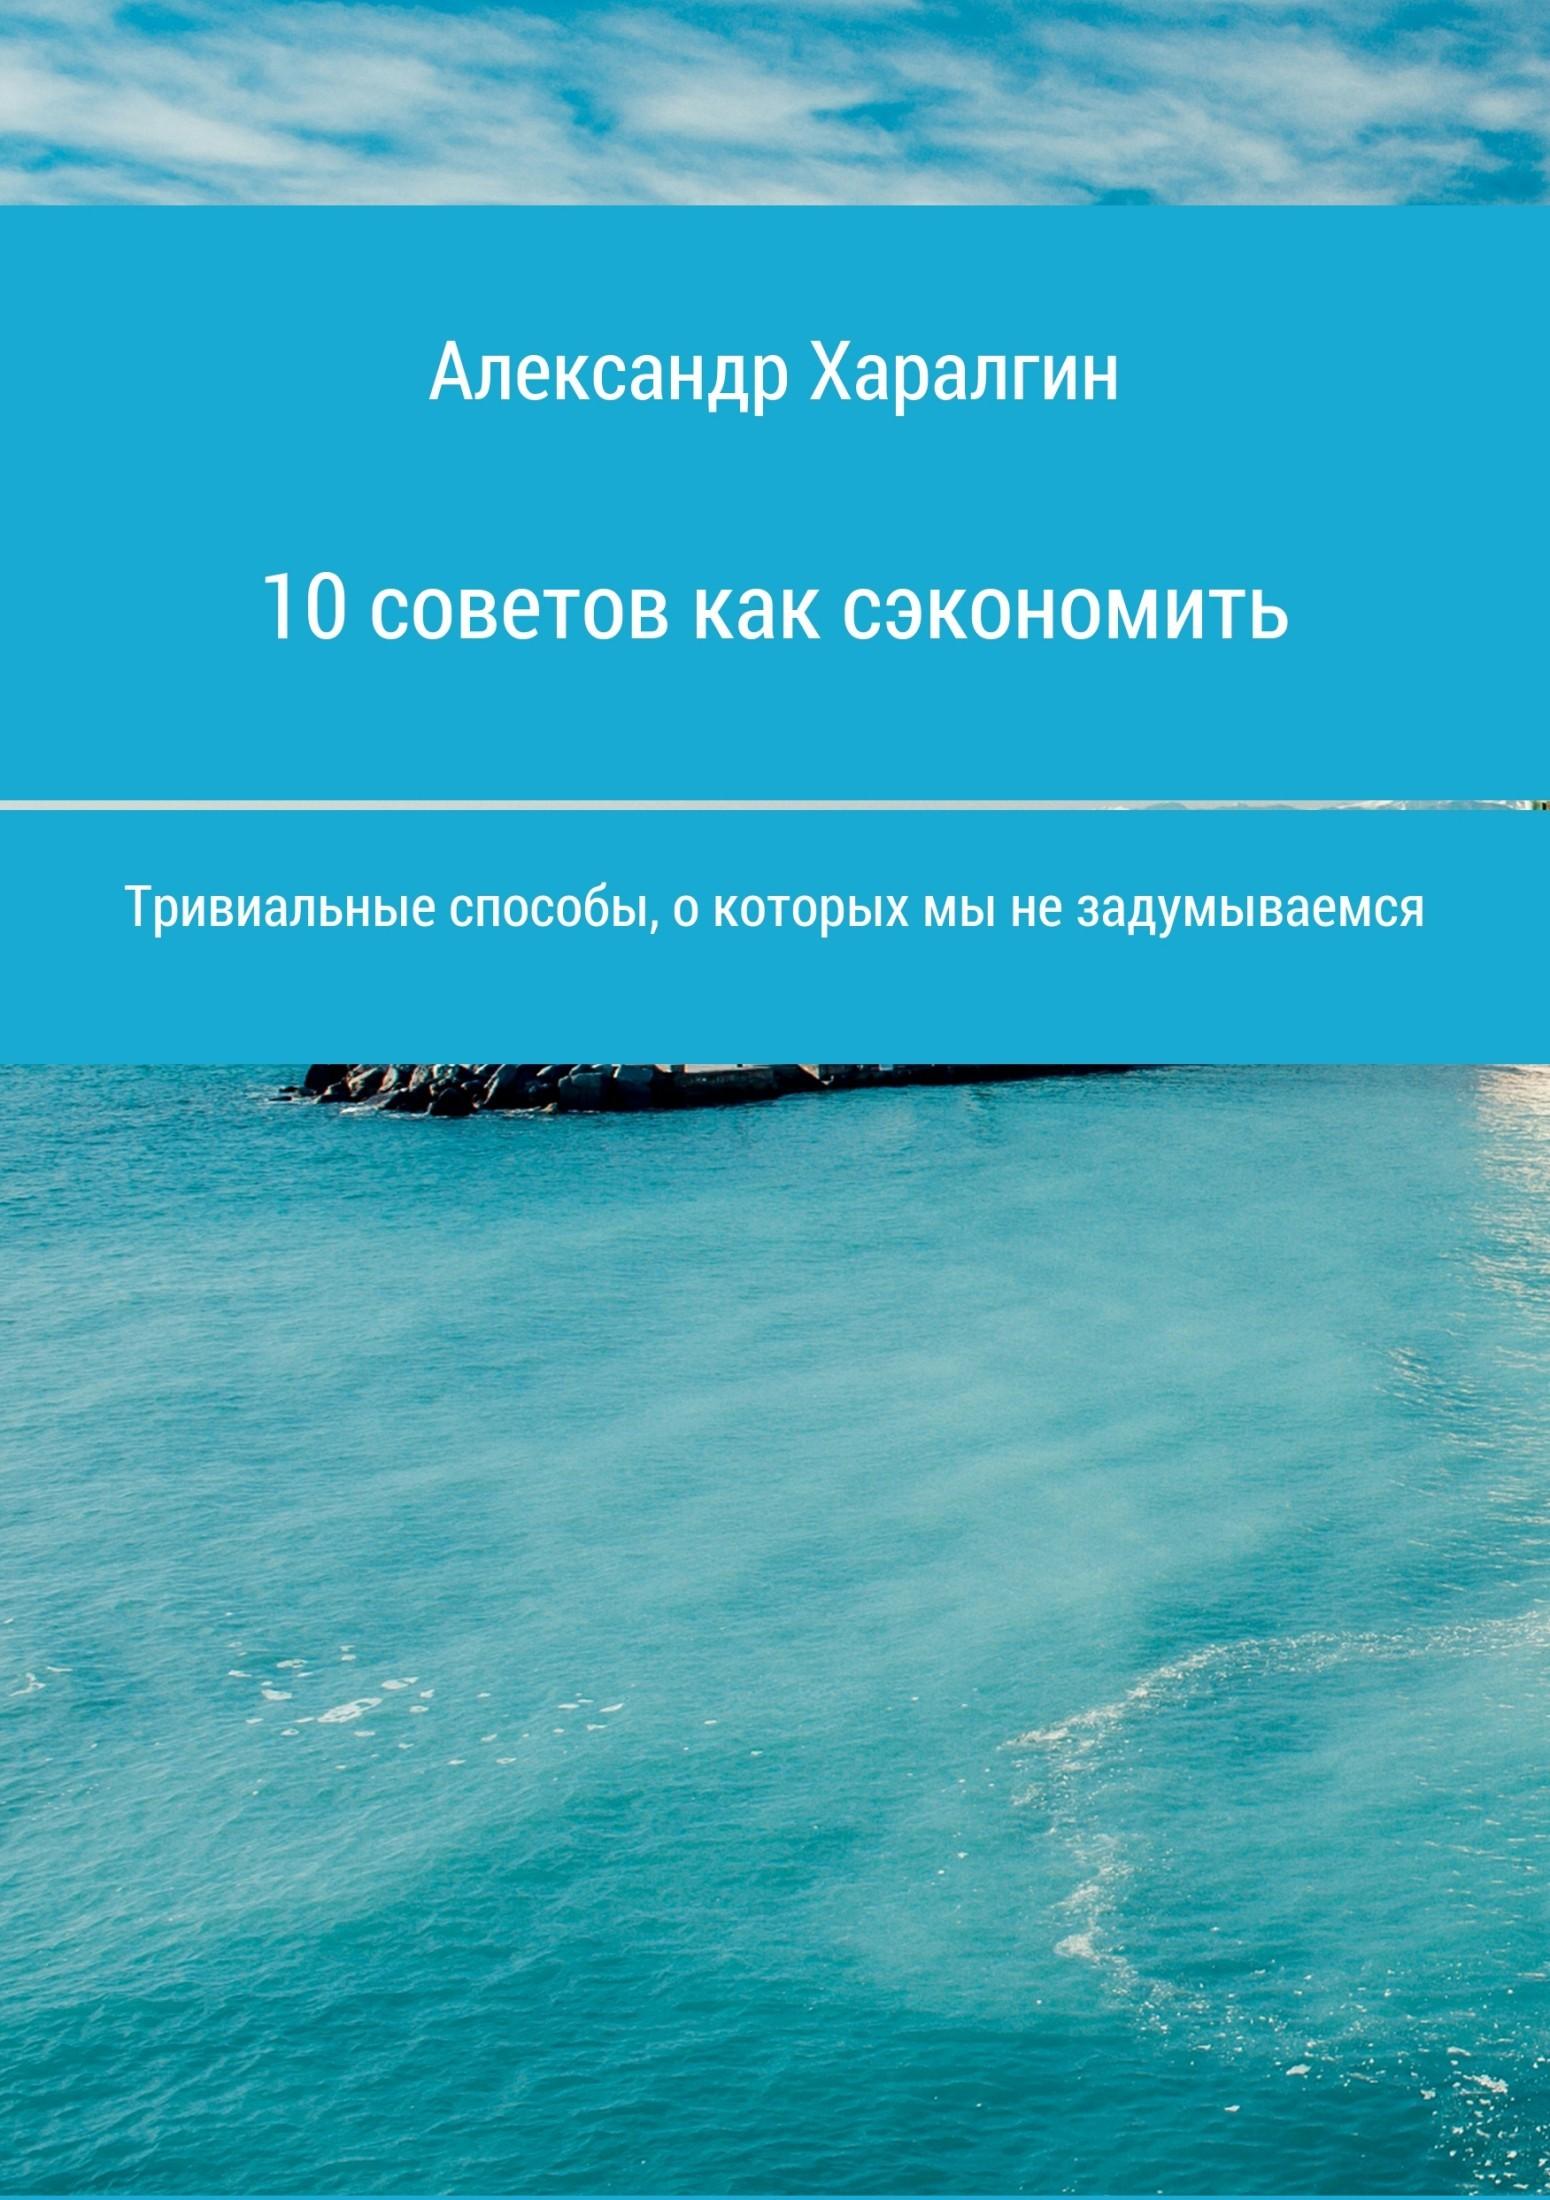 Александр Сергеевич Харалгин бесплатно